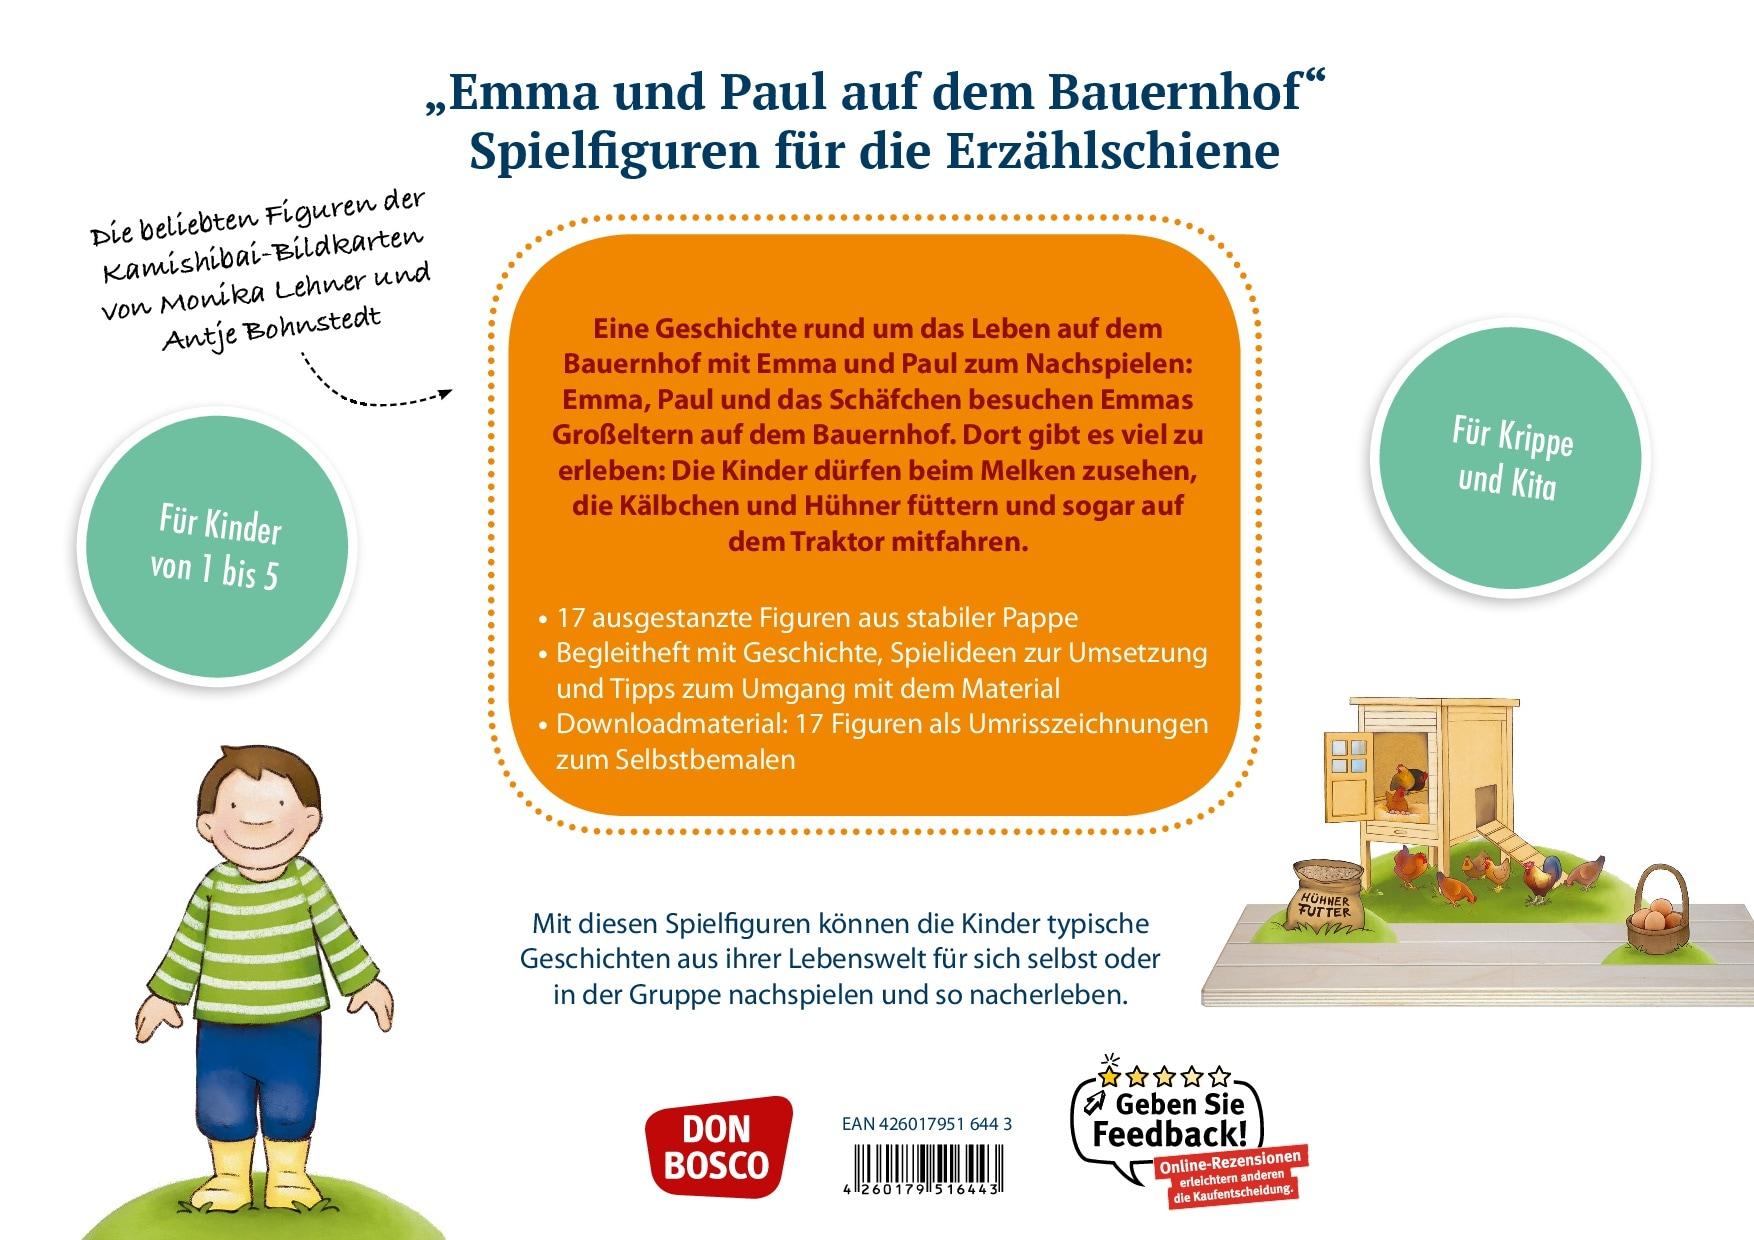 Innenansicht zu Emma und Paul auf dem Bauernhof. Spielfiguren für die Erzählschiene